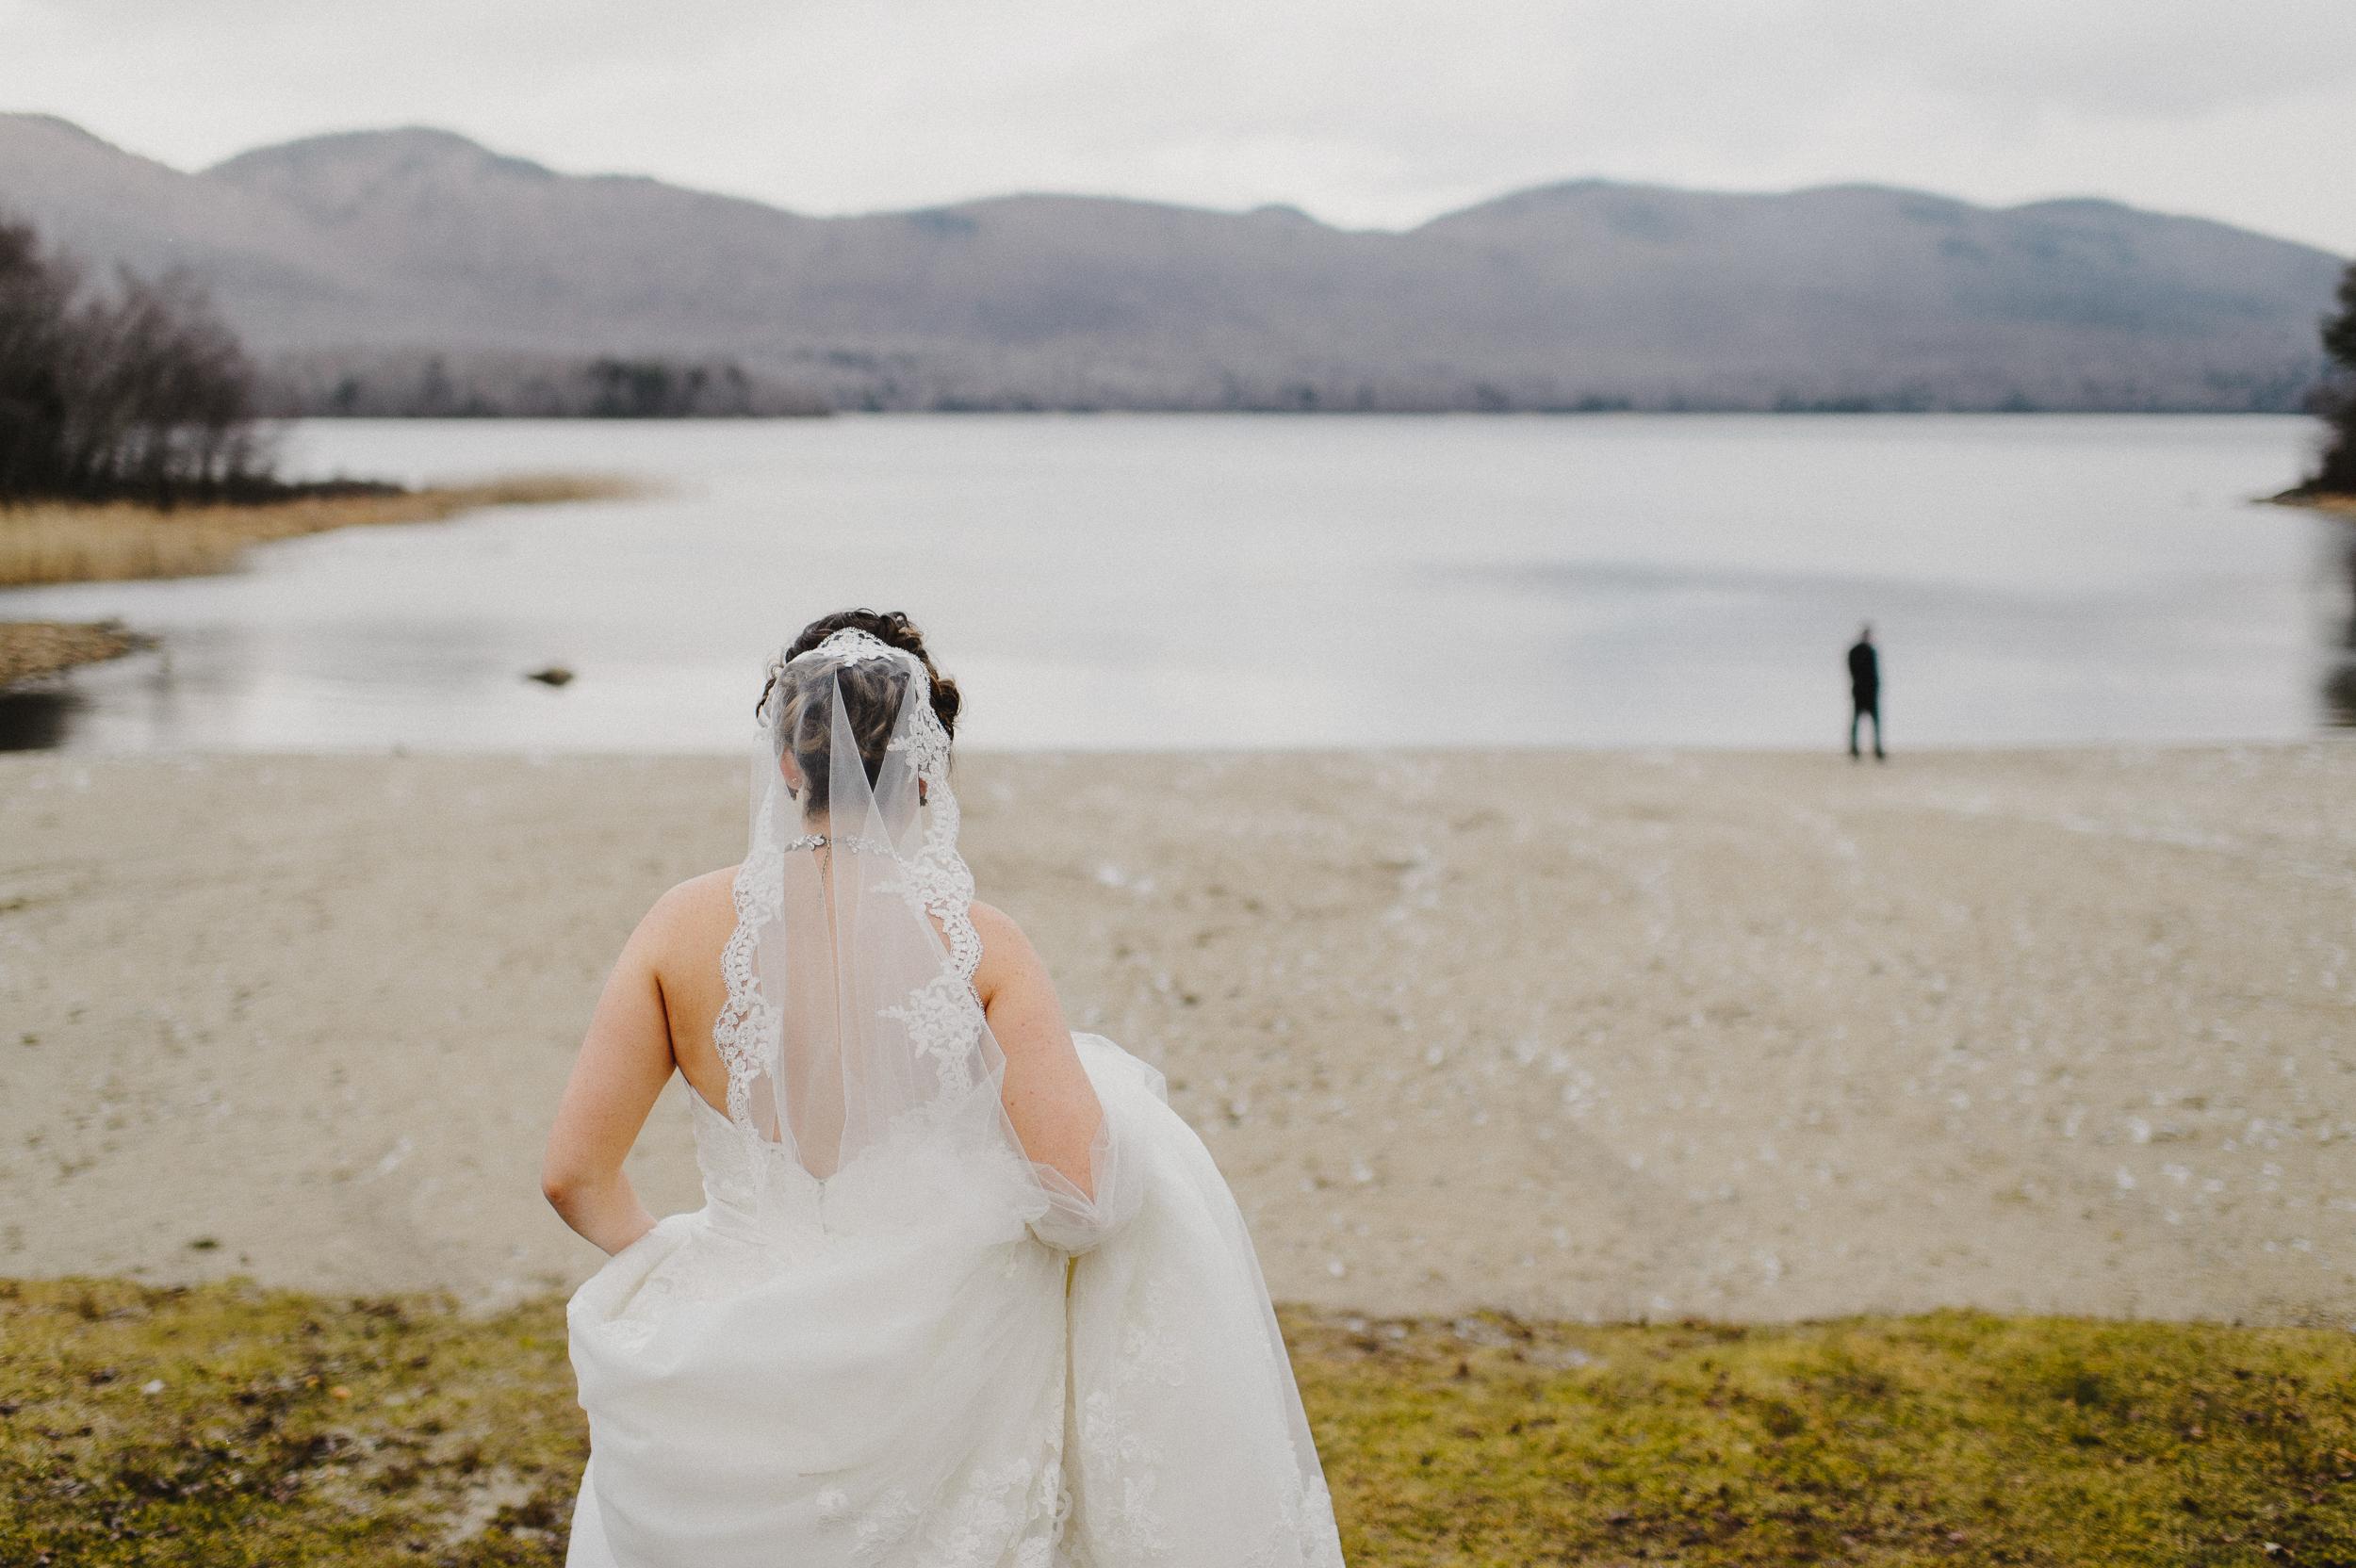 vermont-destination-wedding-photographer-18.jpg